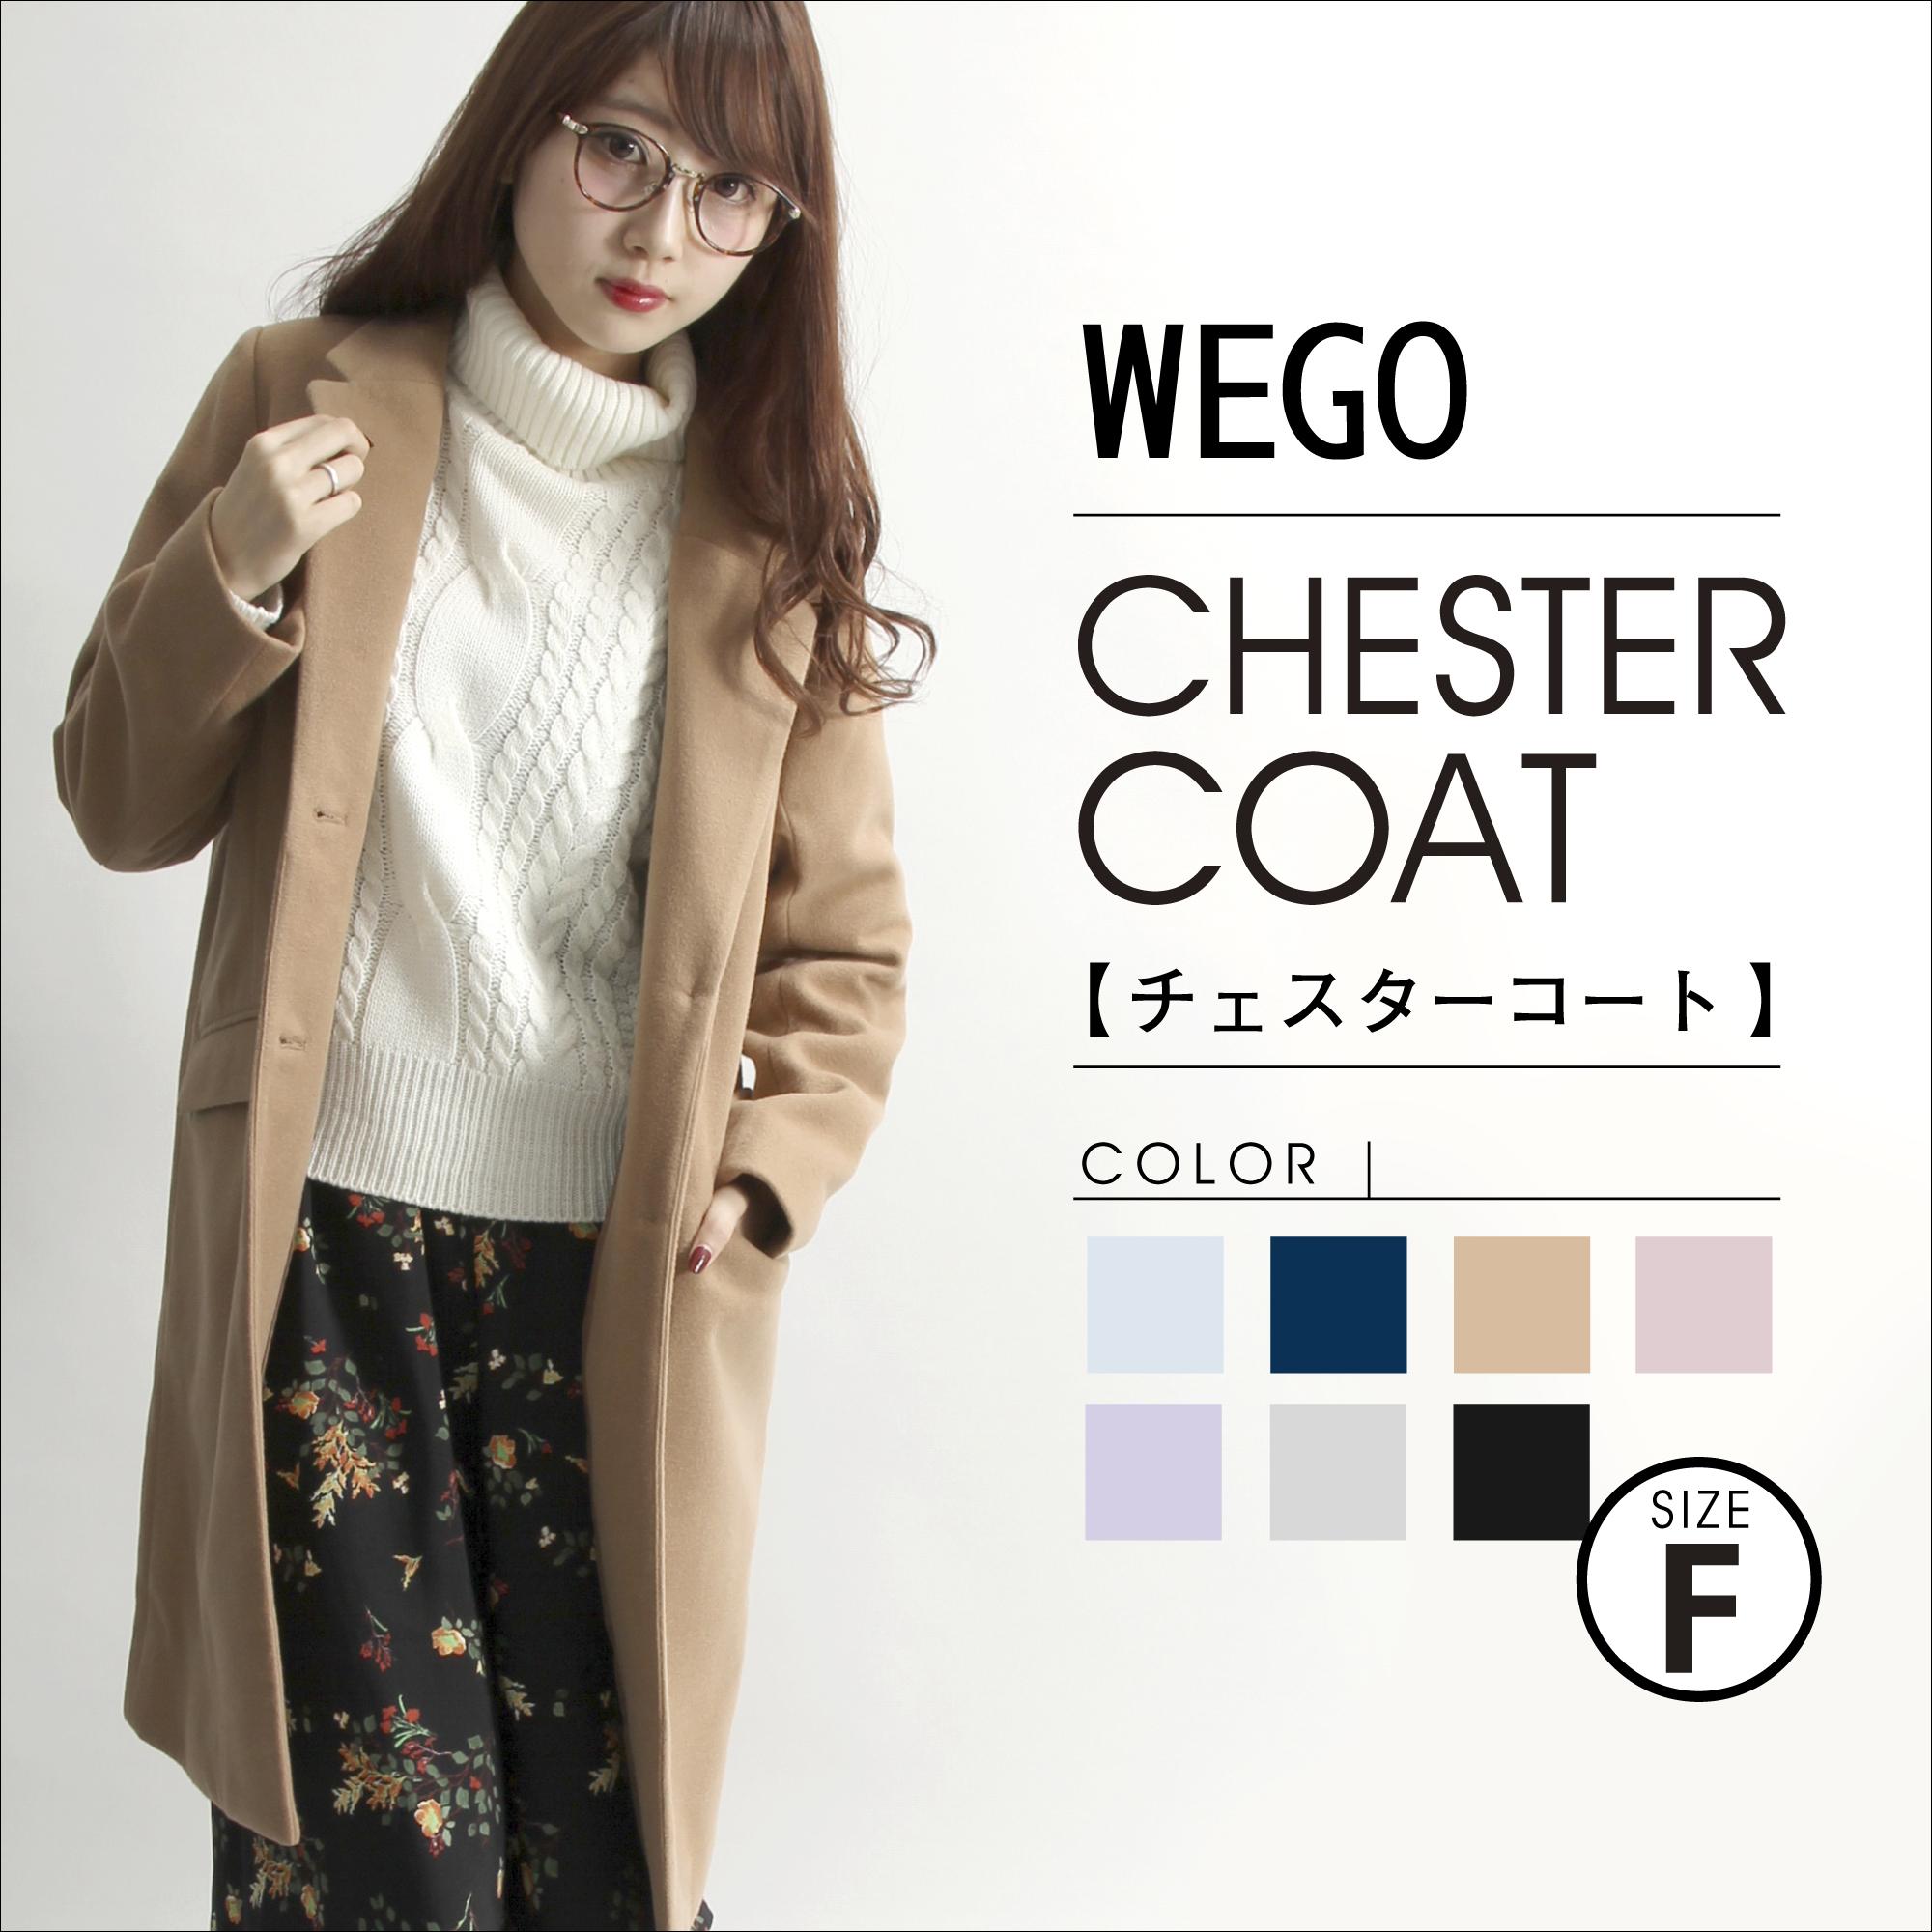 チェスターコート[品番:WG010003700] WEGO(ウィゴー)のレディースファッション通販 SHOPLIST(ショップリスト)